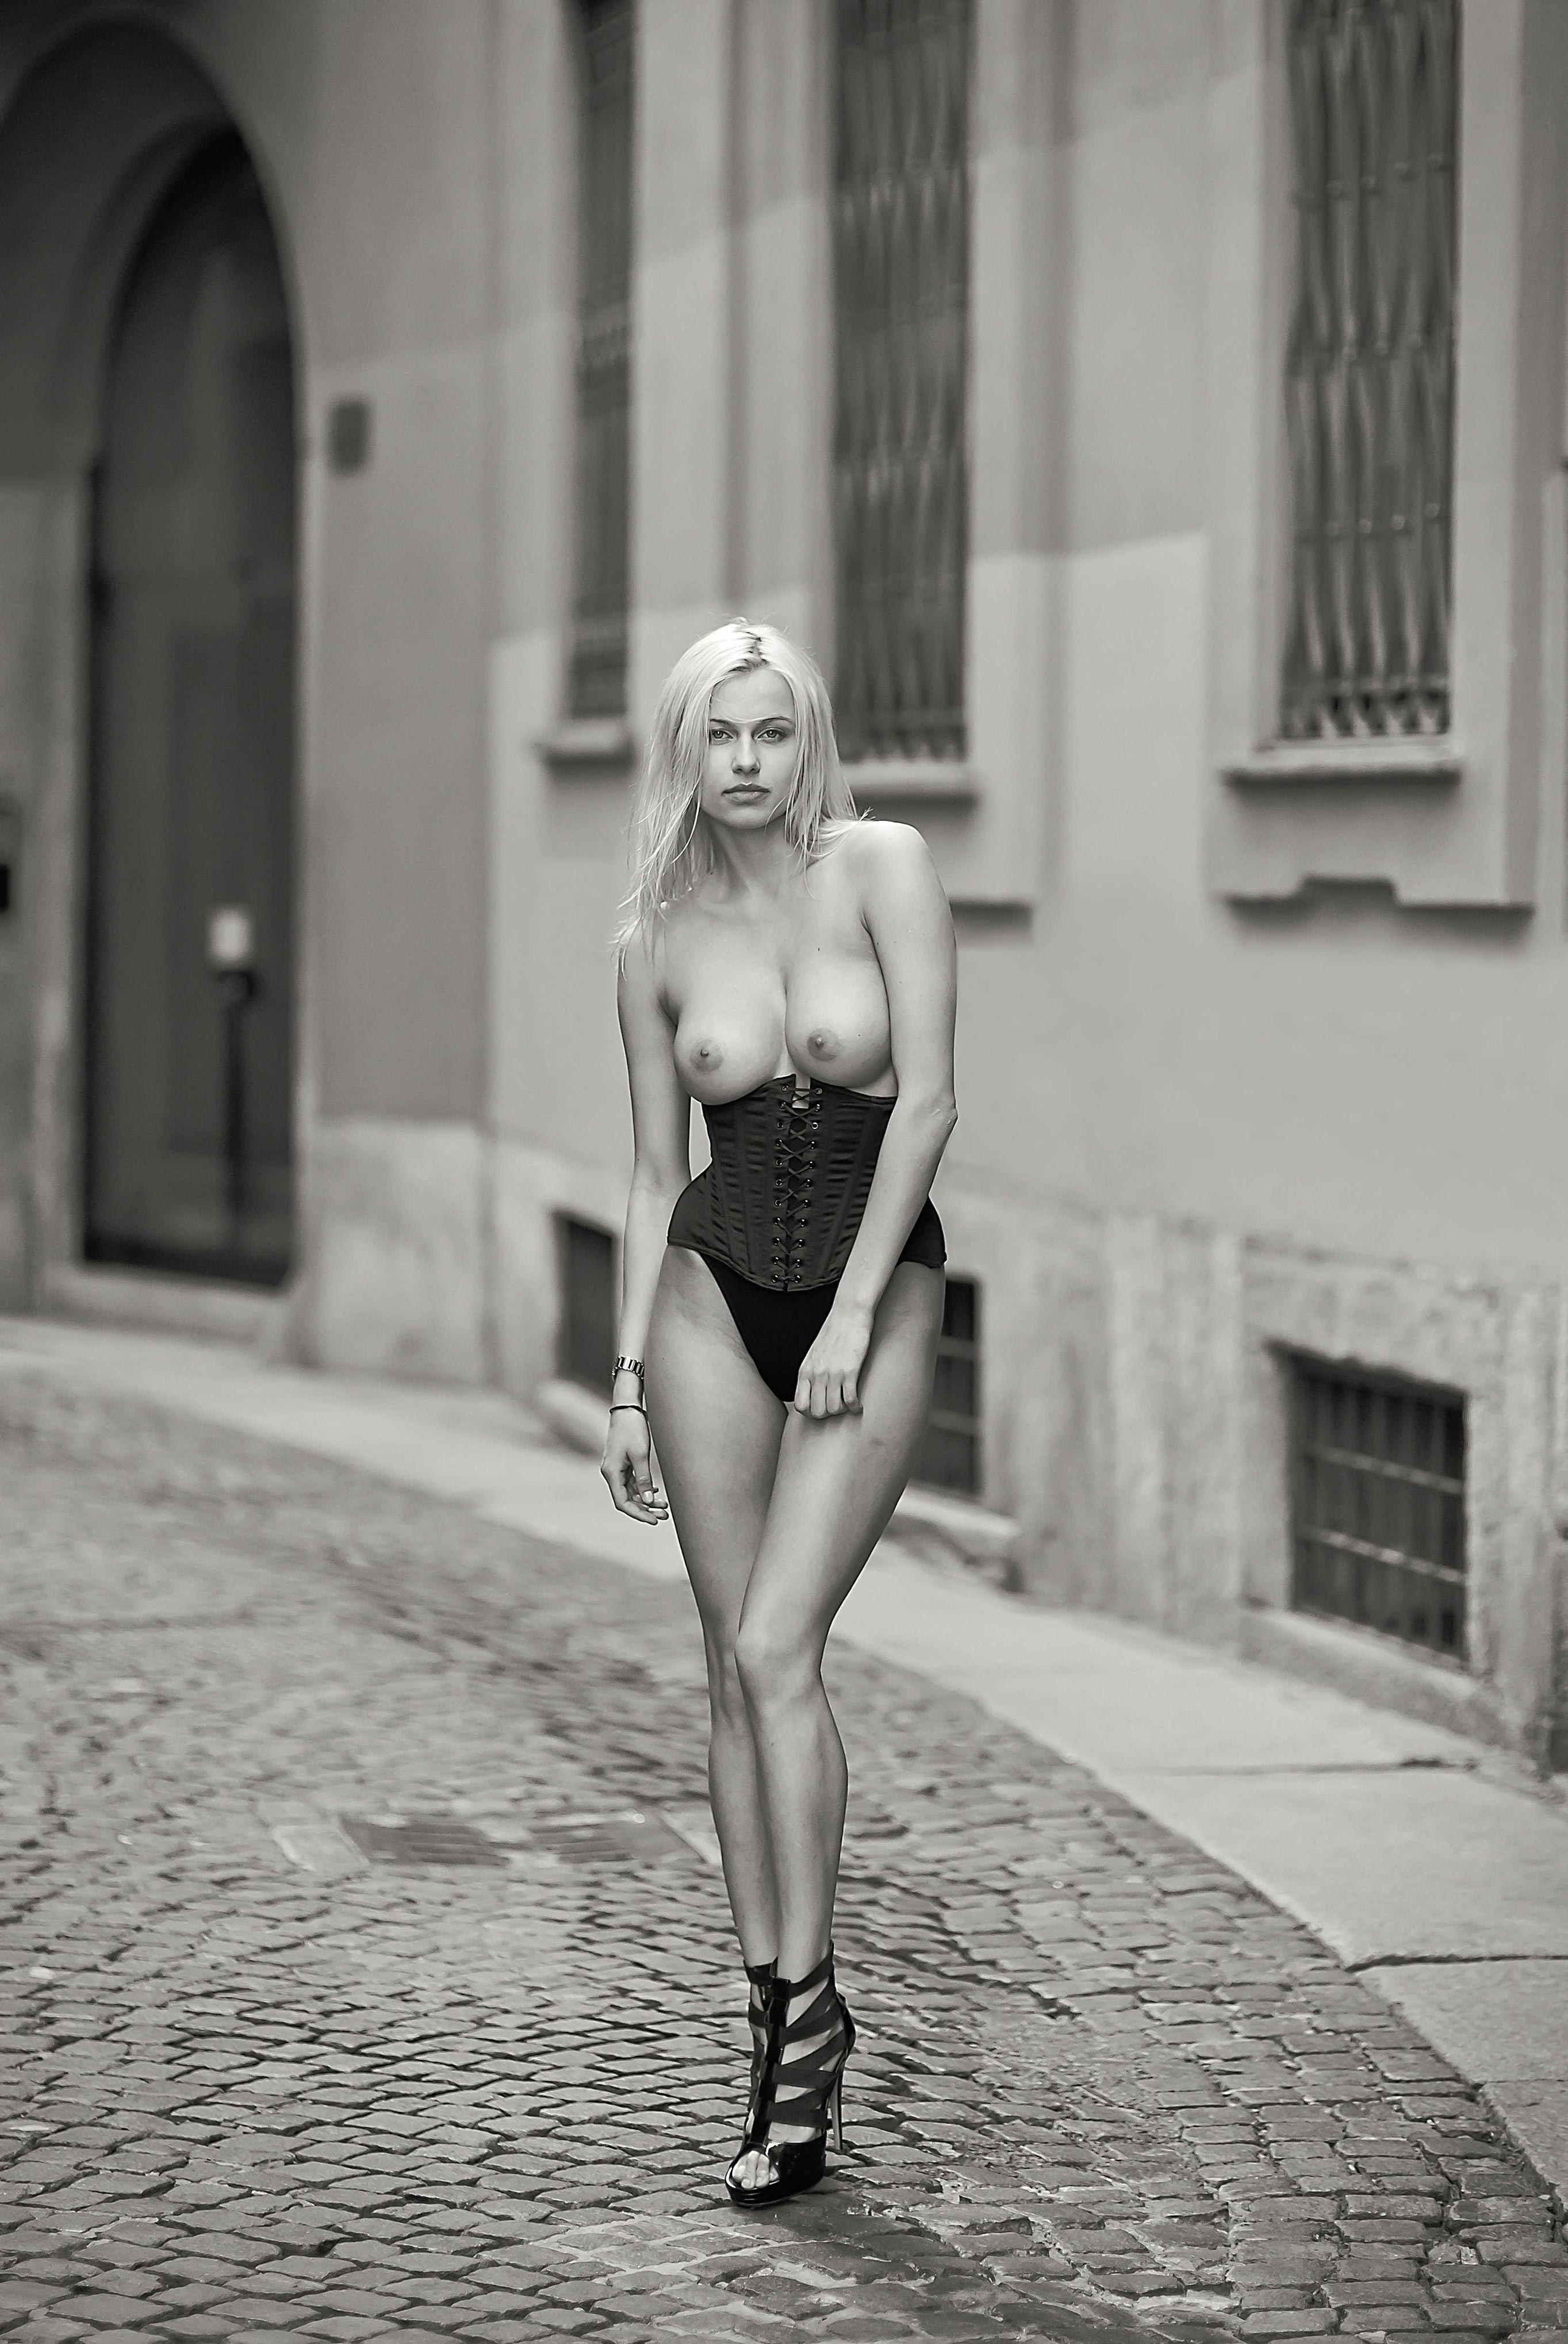 Голая на городской улице - Ольга де Мар / Olga de Mar nude by Jay Marroquin